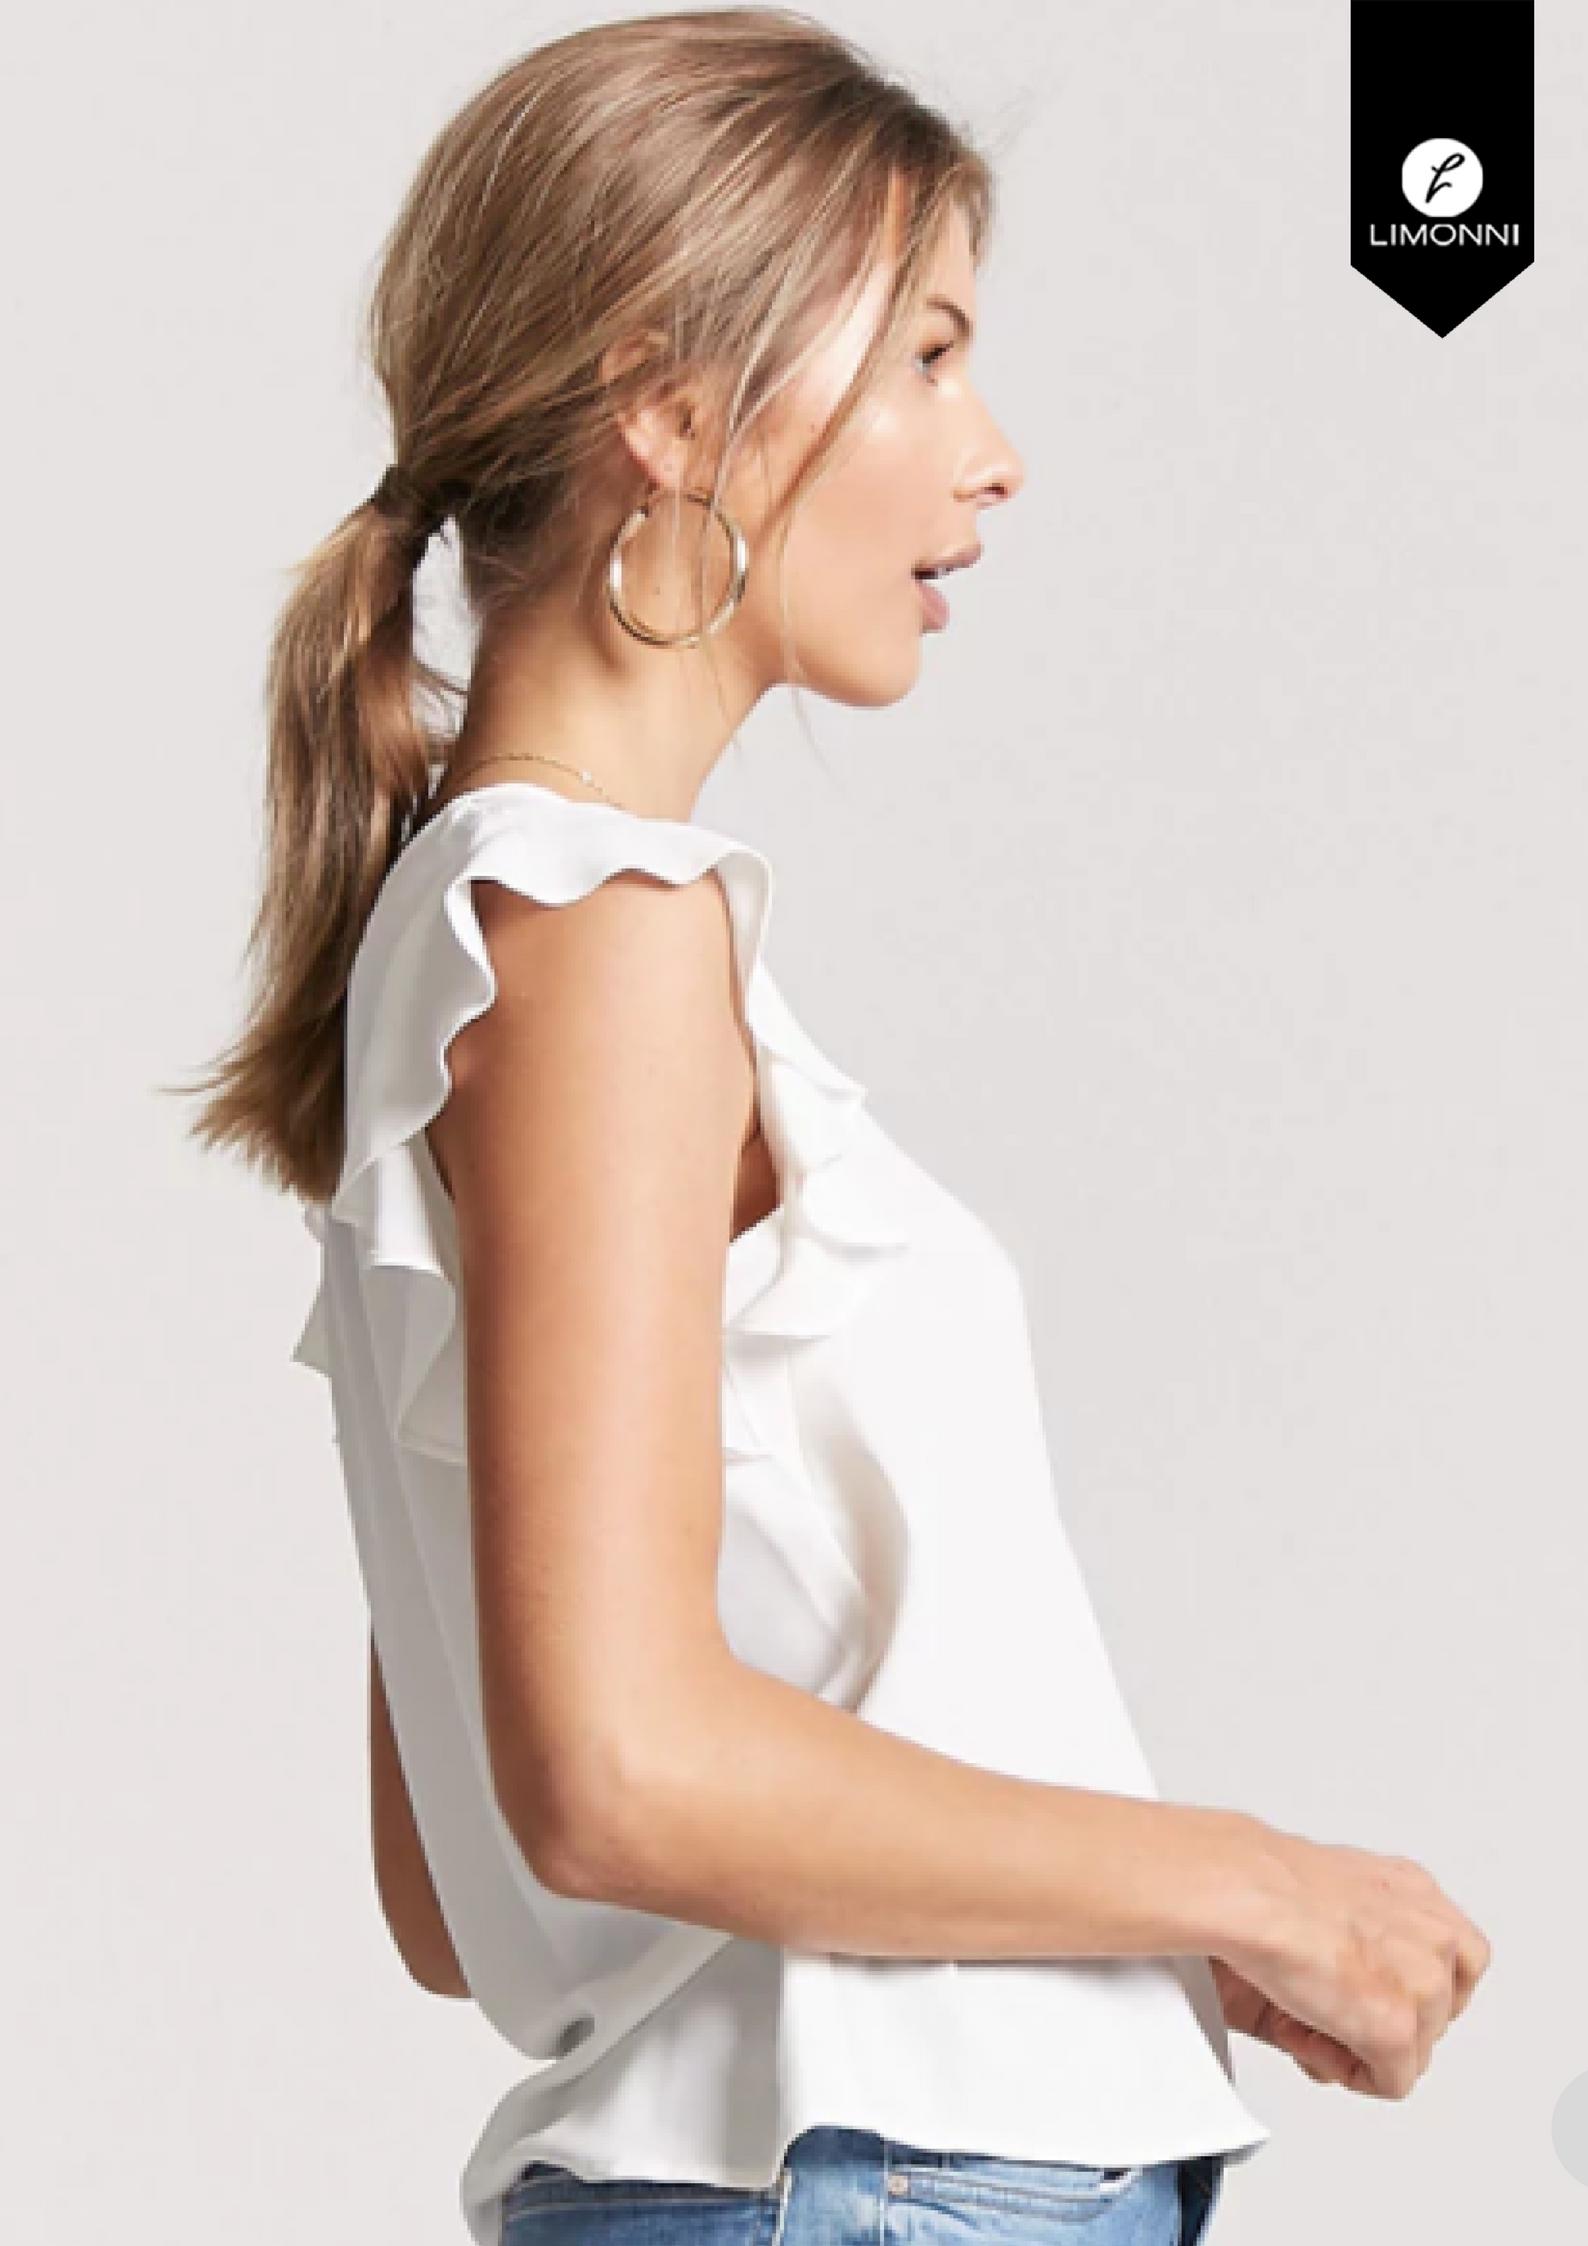 Blusas para mujer Limonni Novalee LI1551 Casuales